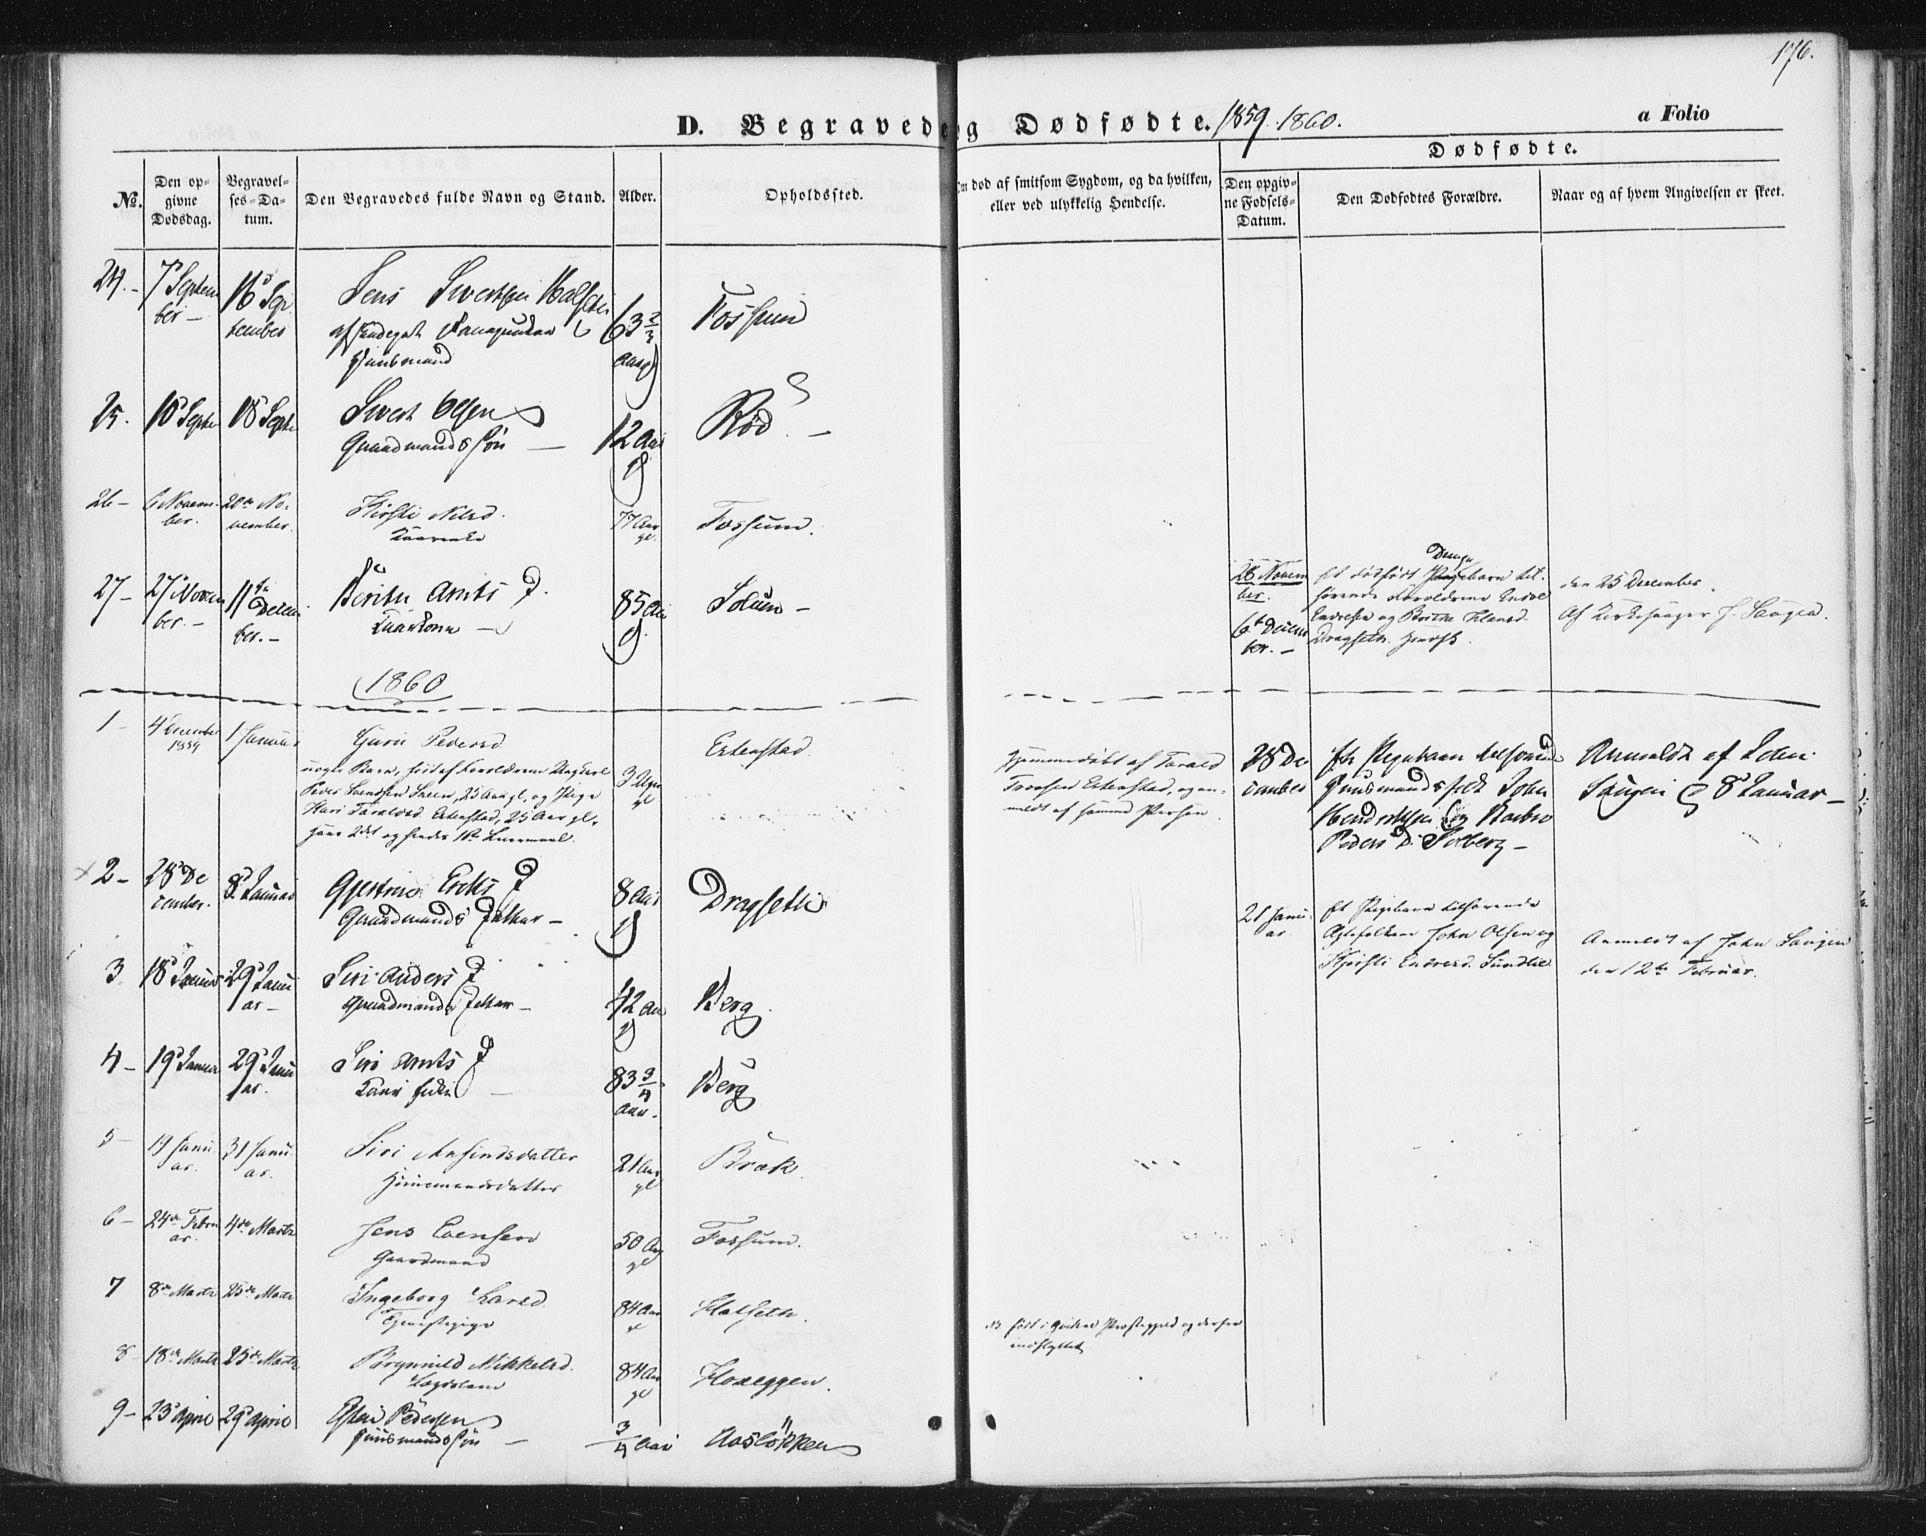 SAT, Ministerialprotokoller, klokkerbøker og fødselsregistre - Sør-Trøndelag, 689/L1038: Ministerialbok nr. 689A03, 1848-1872, s. 176